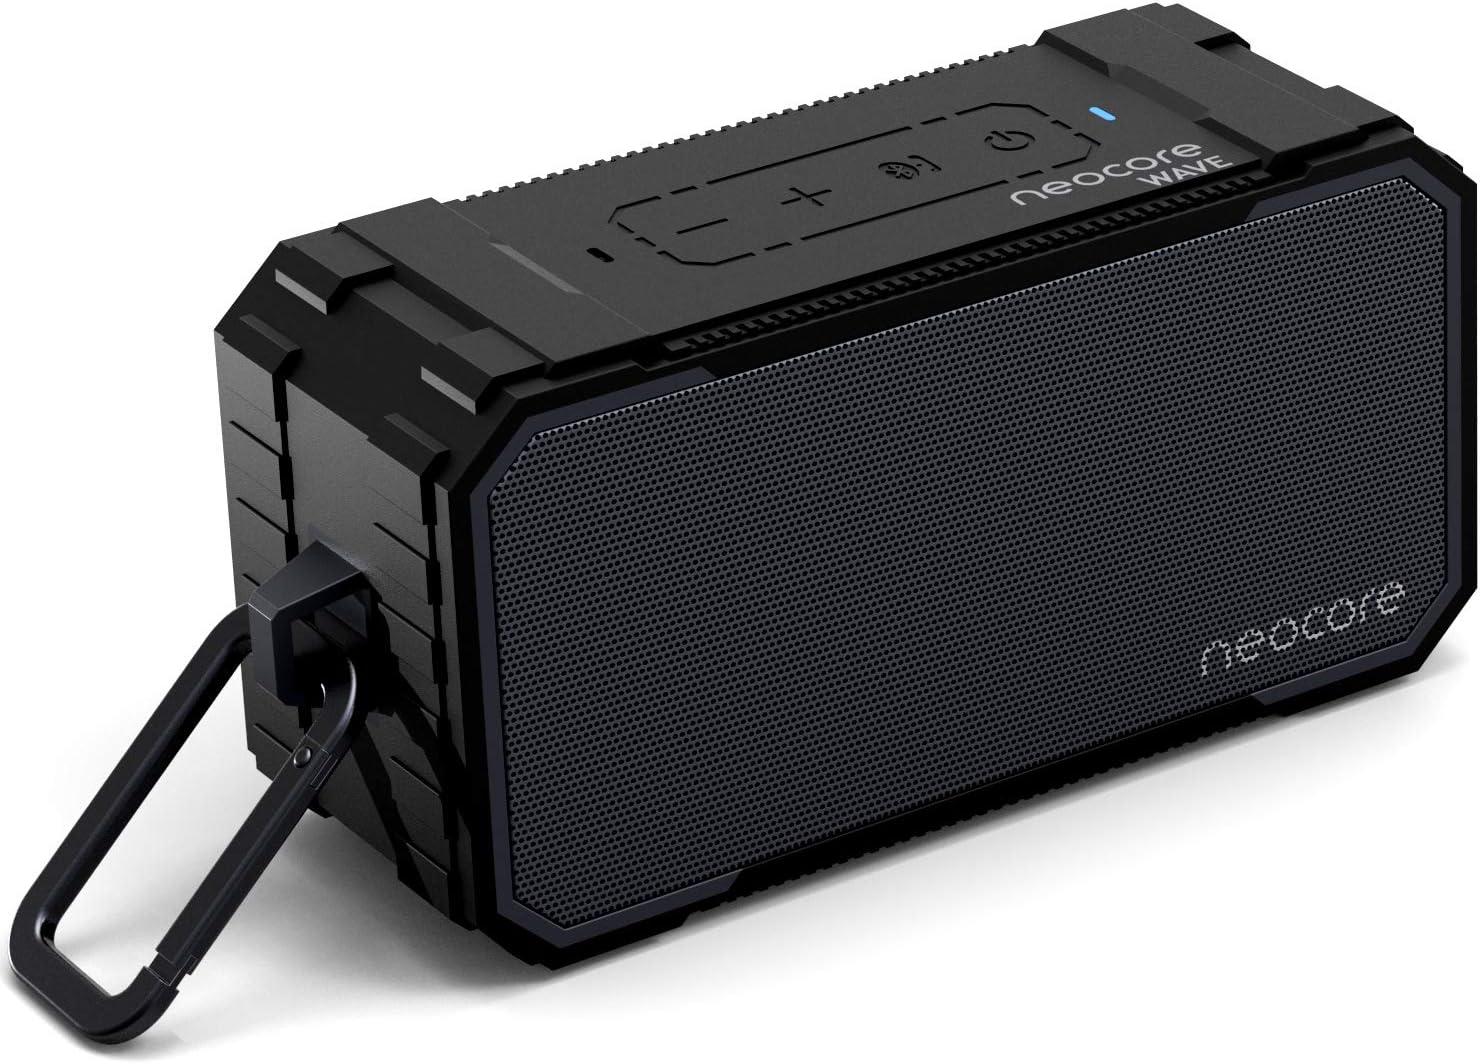 neocore Wave Altavoz portátil para Smartphones, Tablets y Dispositivos MP3(10 W, Bluetooth, Recargable, AUX, 24 Horas), Color Negro (Negro)